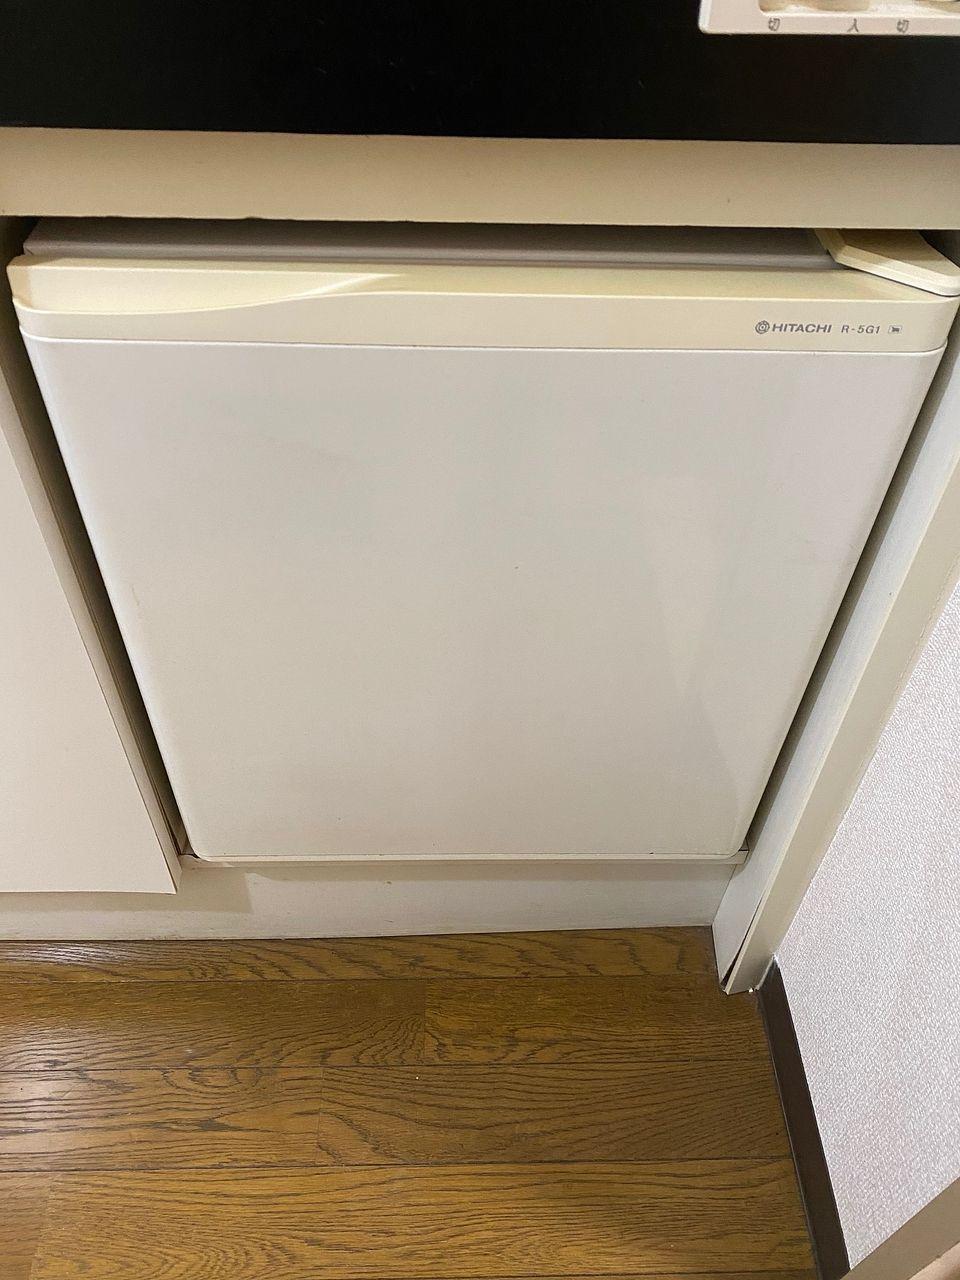 冷蔵庫をお持ちの方は収納として使用しても良いかもしれません